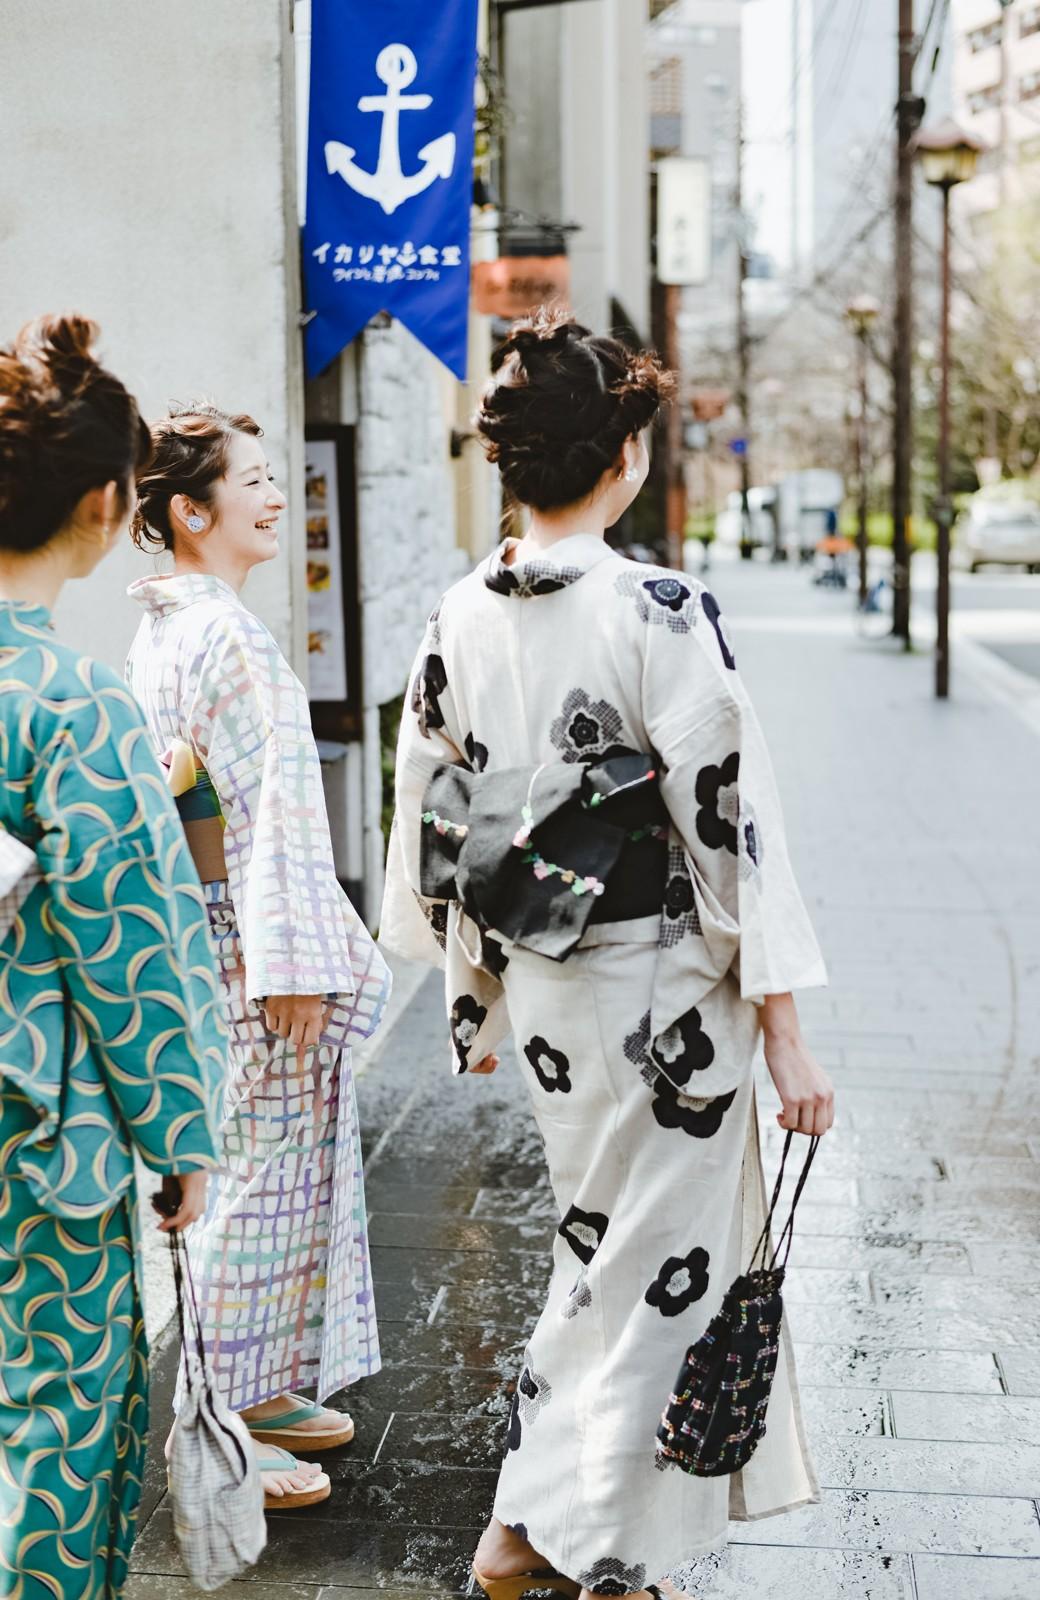 haco! ひでや工房 京都のからみ織ジャカード浴衣 <ブラック系その他>の商品写真23